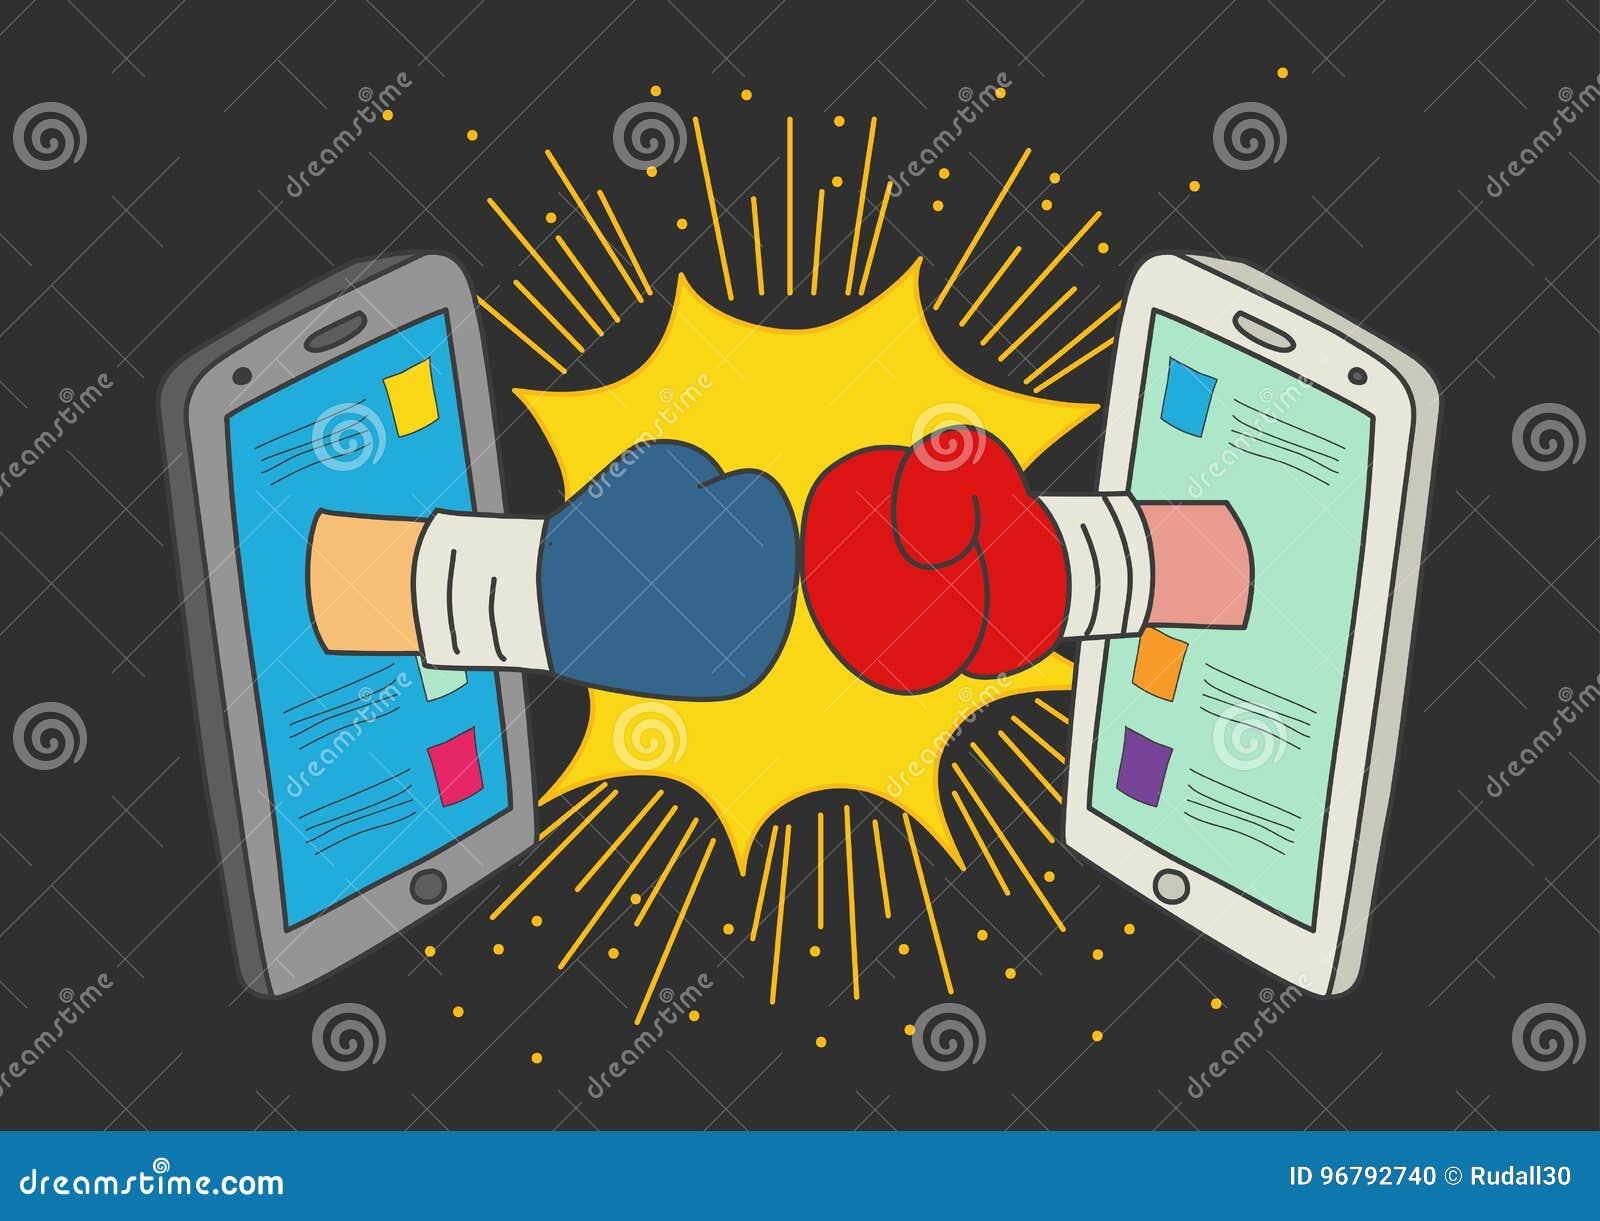 Konzept Für Social Media-Kampf Vektor Abbildung - Illustration von ...